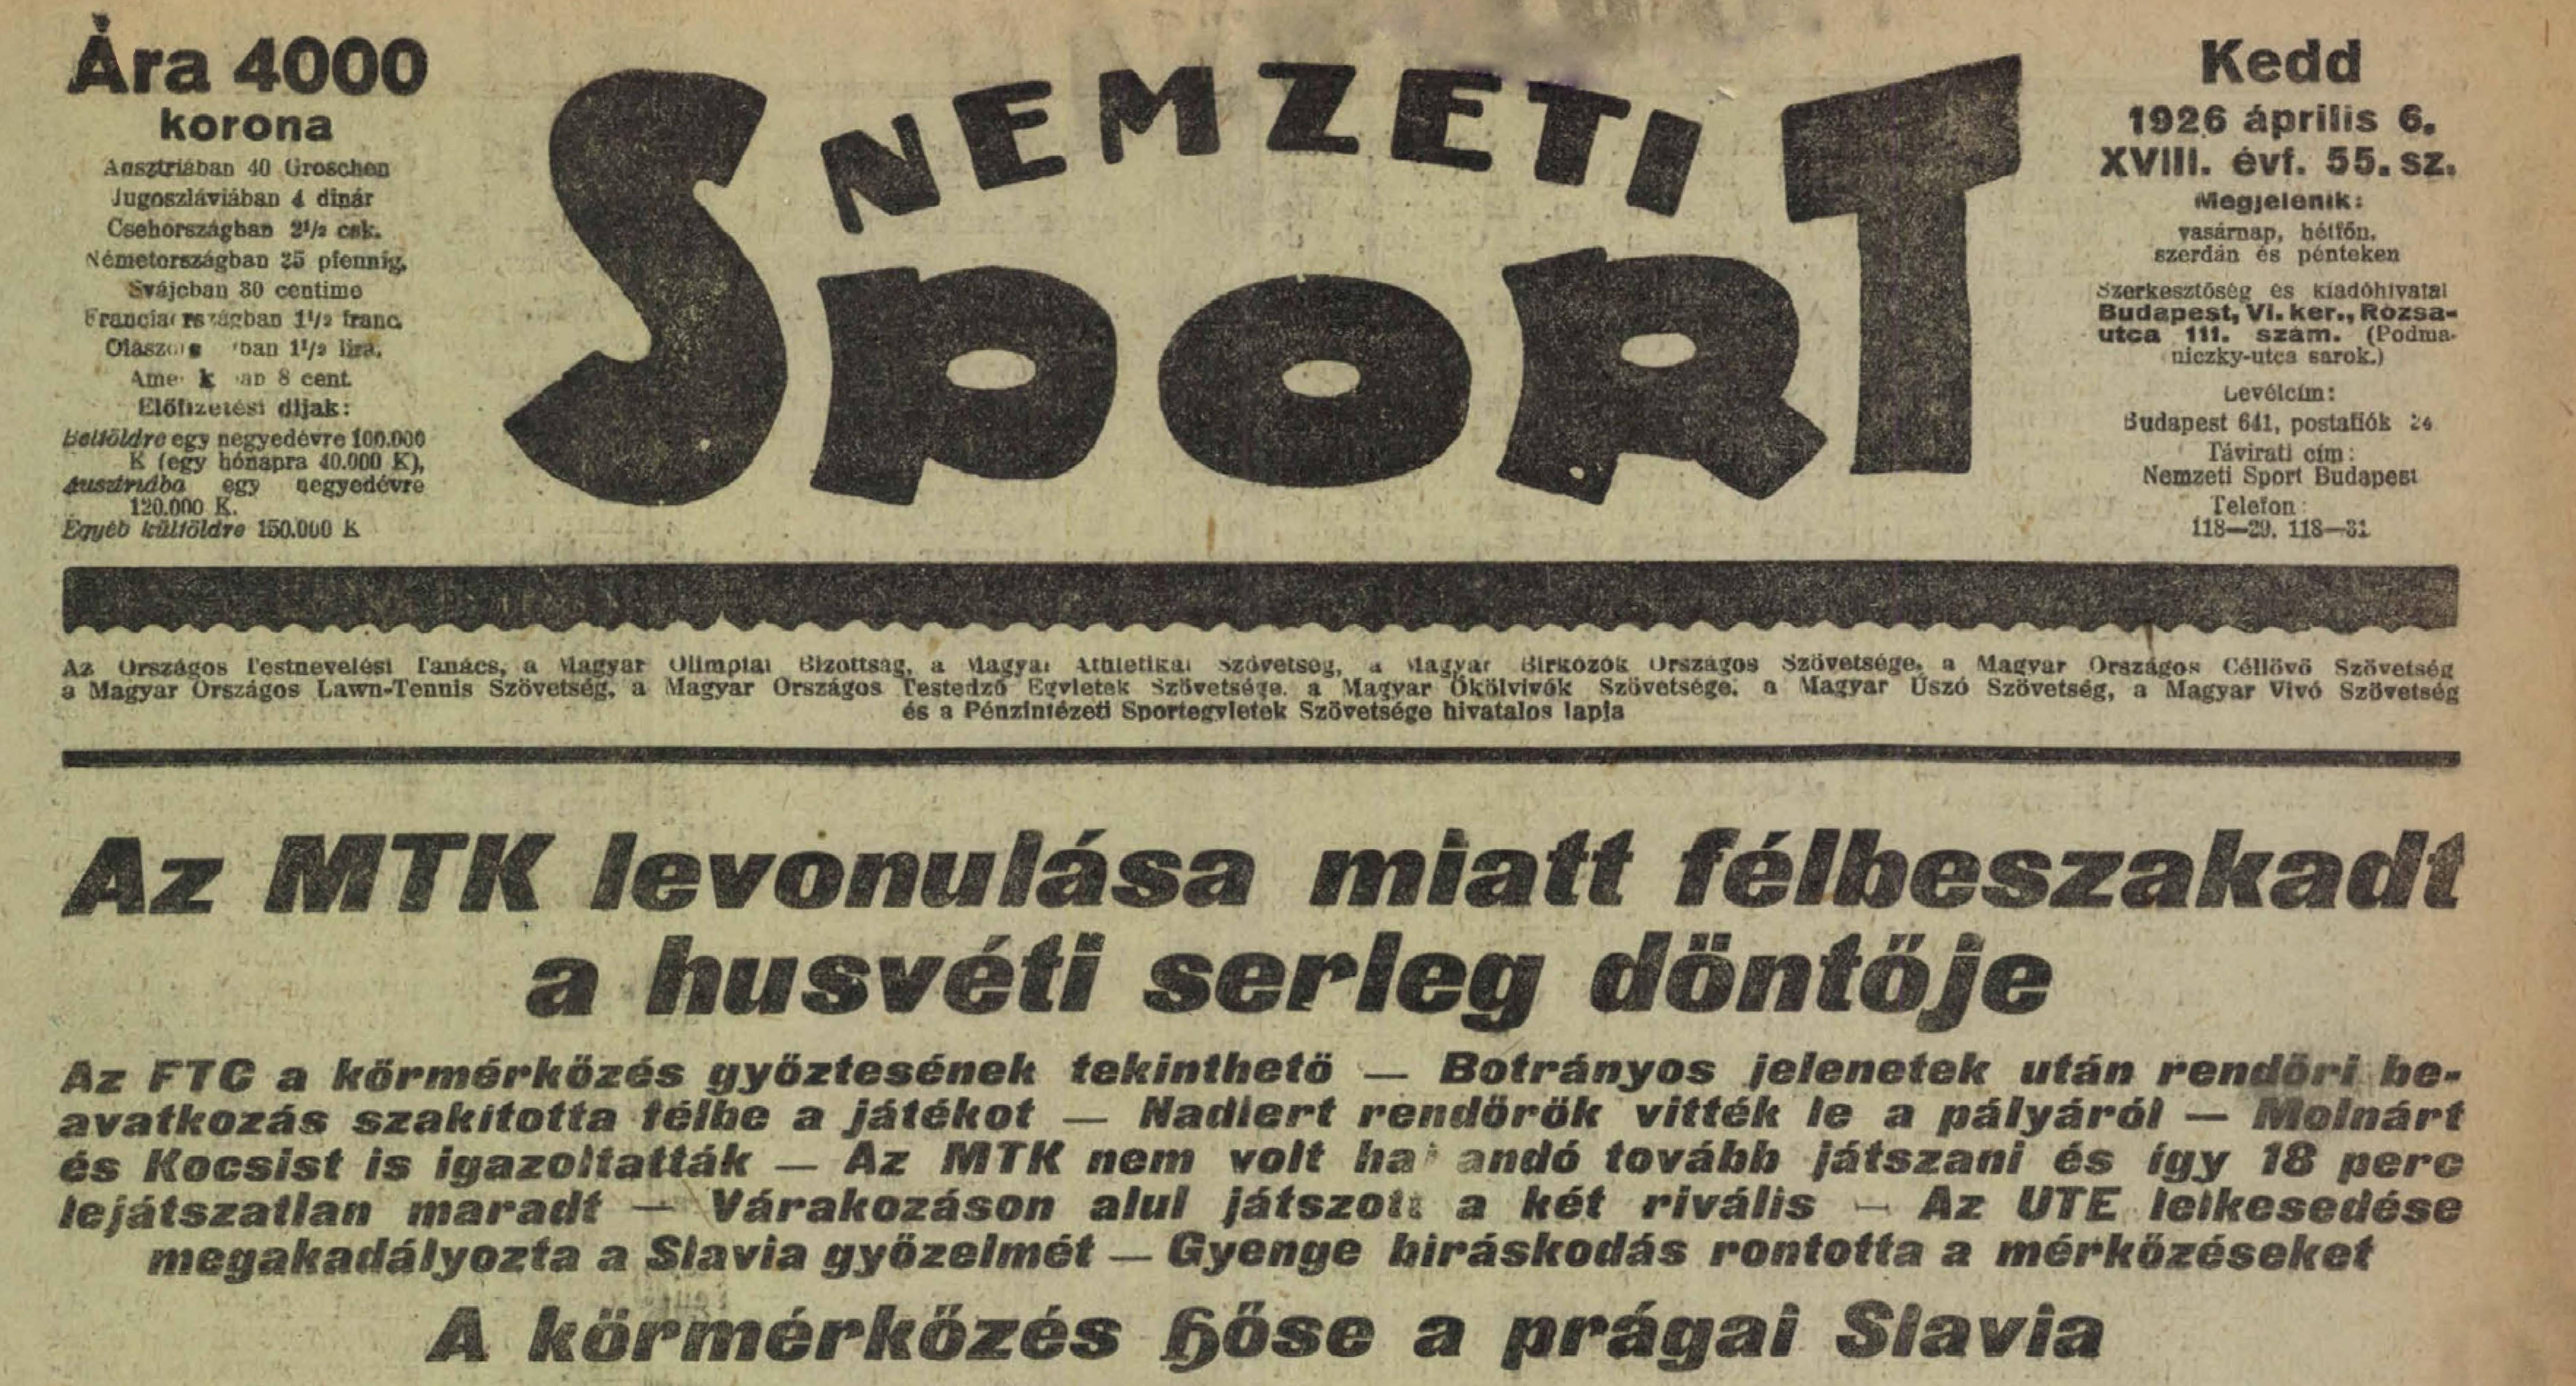 nemzetisport_1926_04_pages22-22_1.jpg